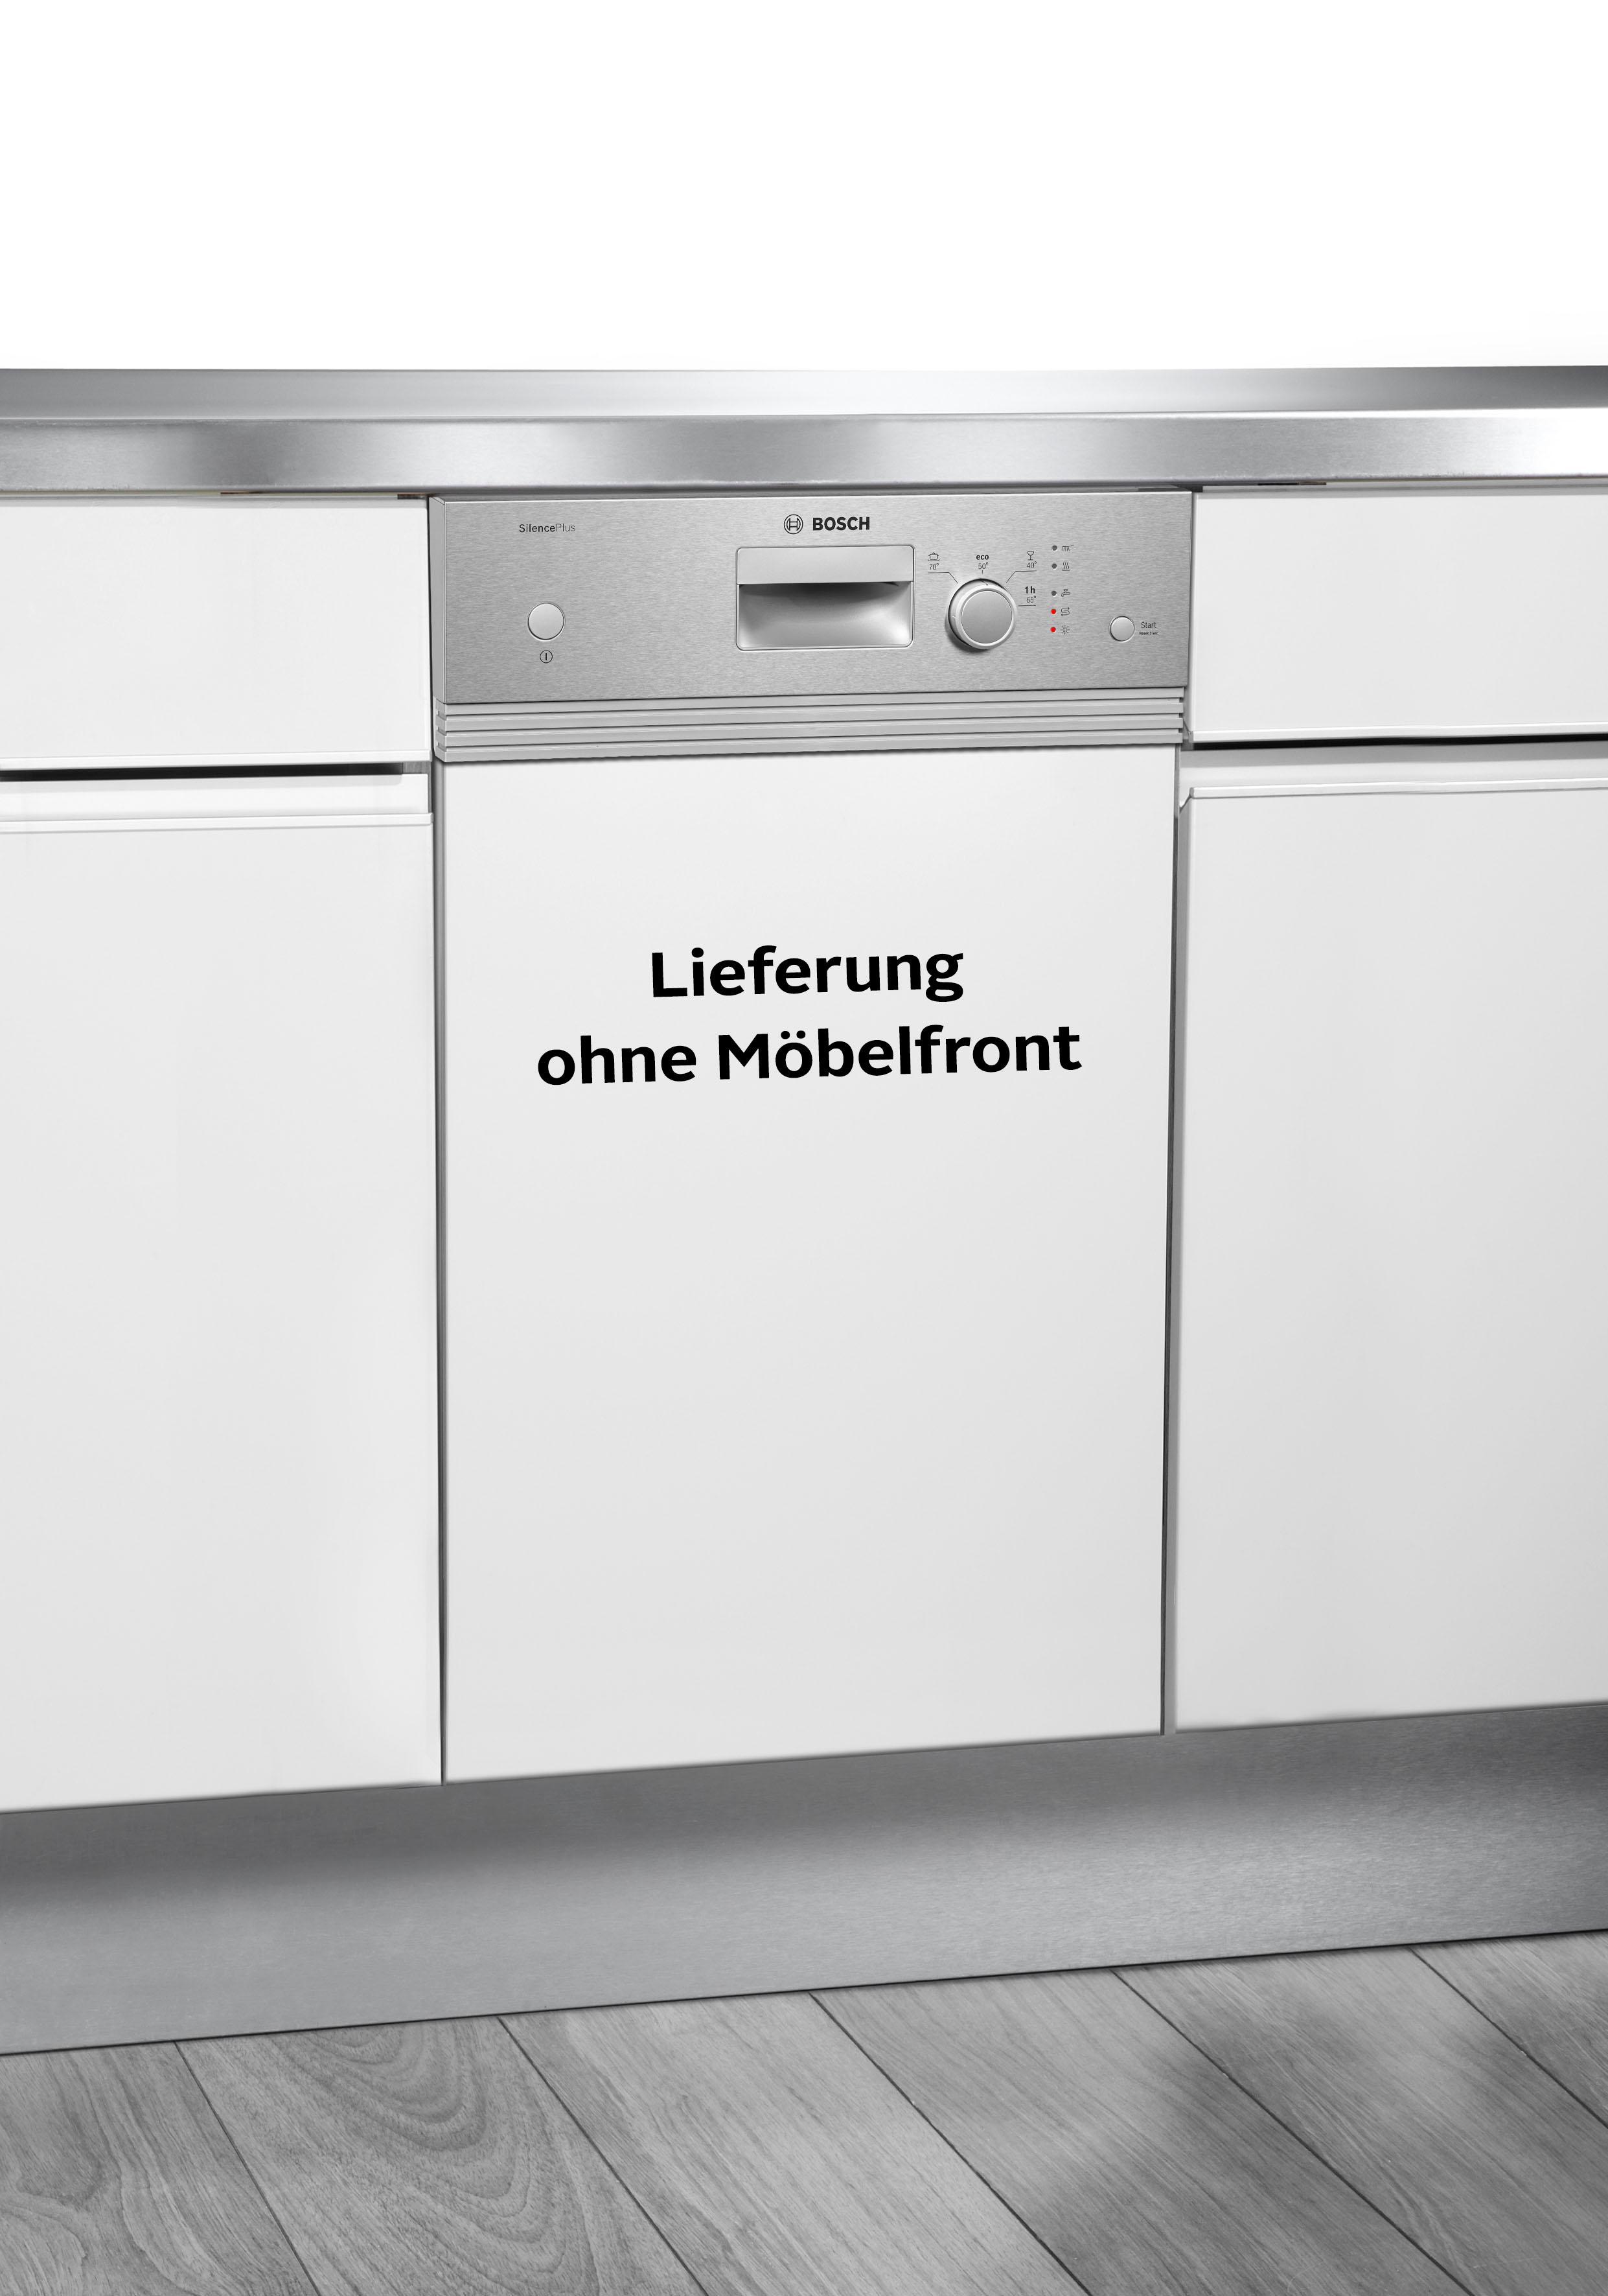 BOSCH teilintegrierbarer Geschirrspüler 85 Liter 9 Maßgedecke   Küche und Esszimmer > Küchenelektrogeräte > Gefrierschränke   Bosch